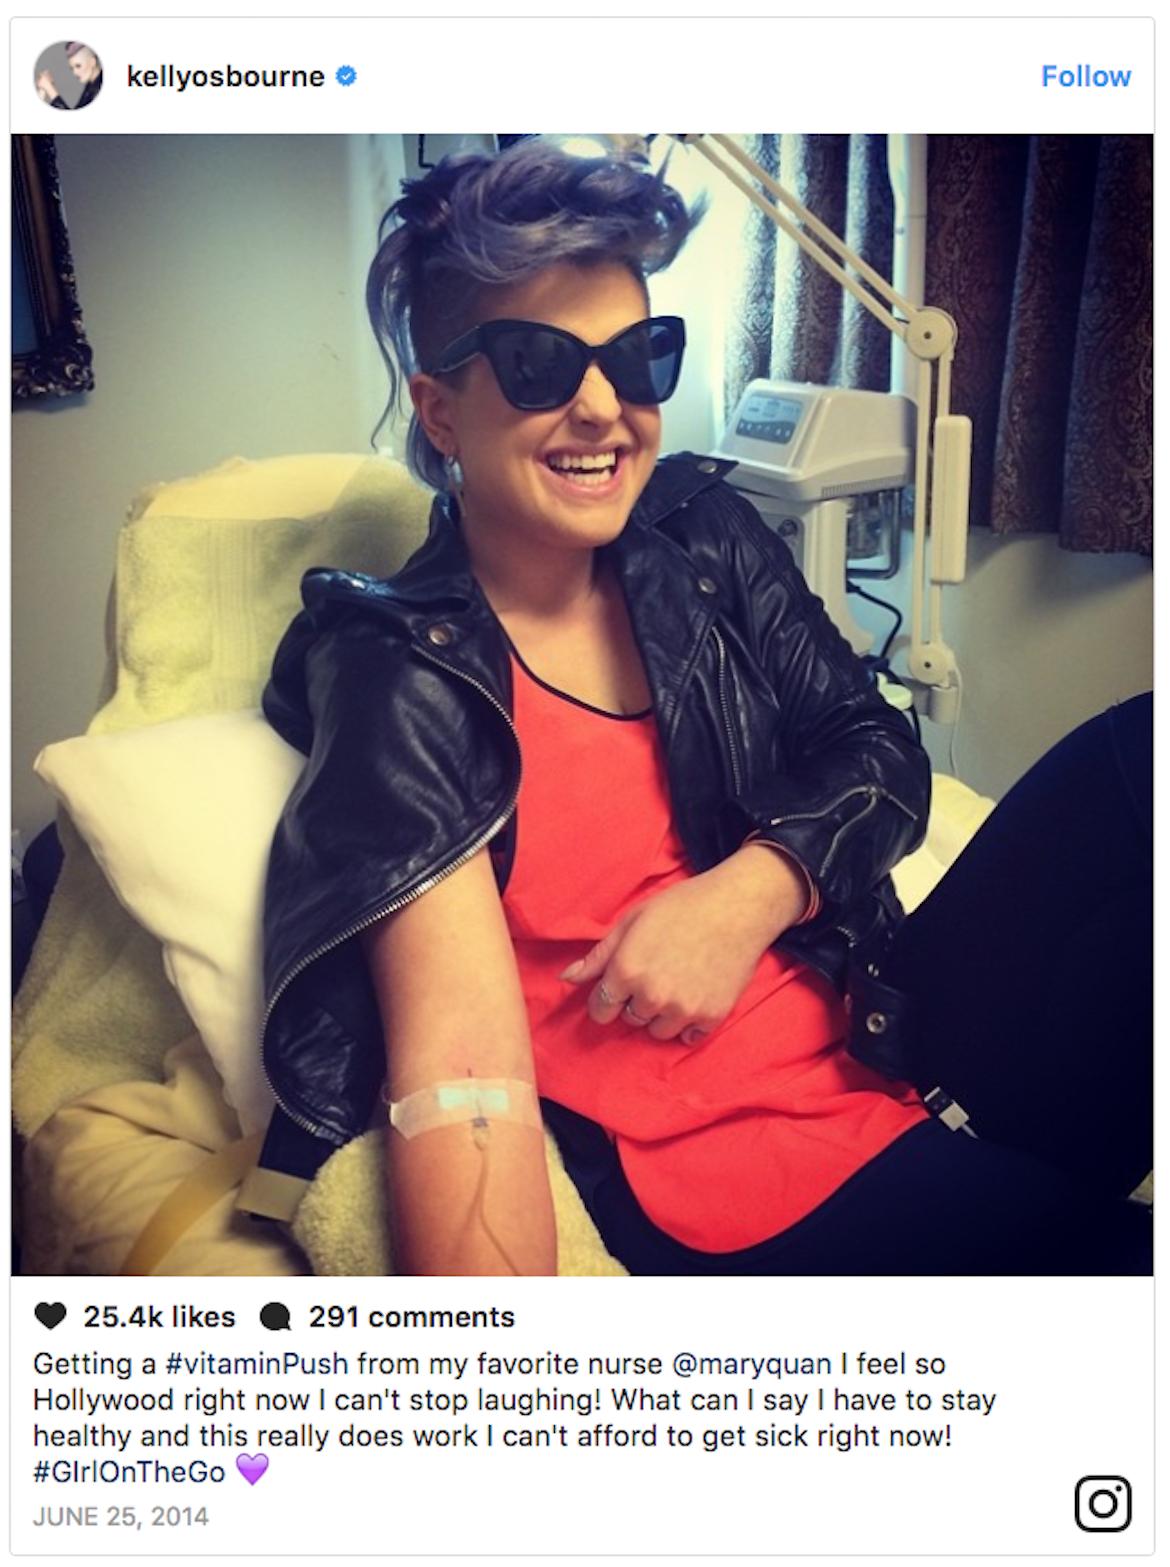 Kelly Osbourne fue cuestionada por promocionar en Instagram un tratamiento de vitaminas intravenoso, catalogado por miembros de la comunidad médica como una estafa